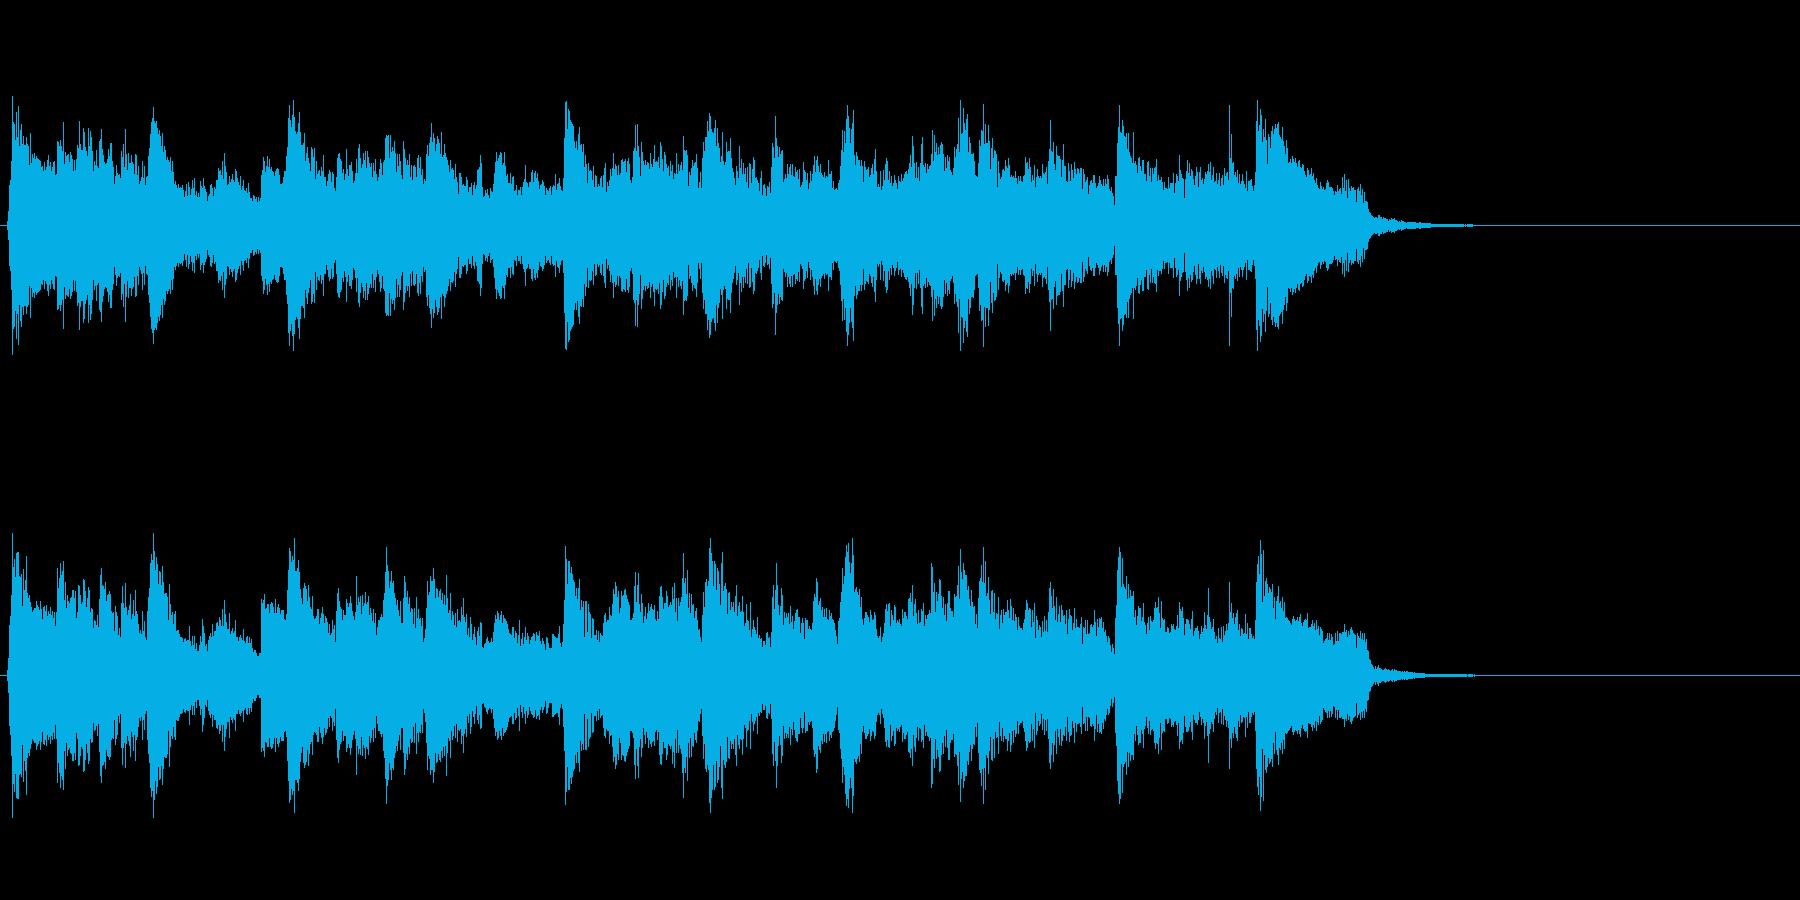 ジャズ風の優雅なBGM(イントロ)の再生済みの波形